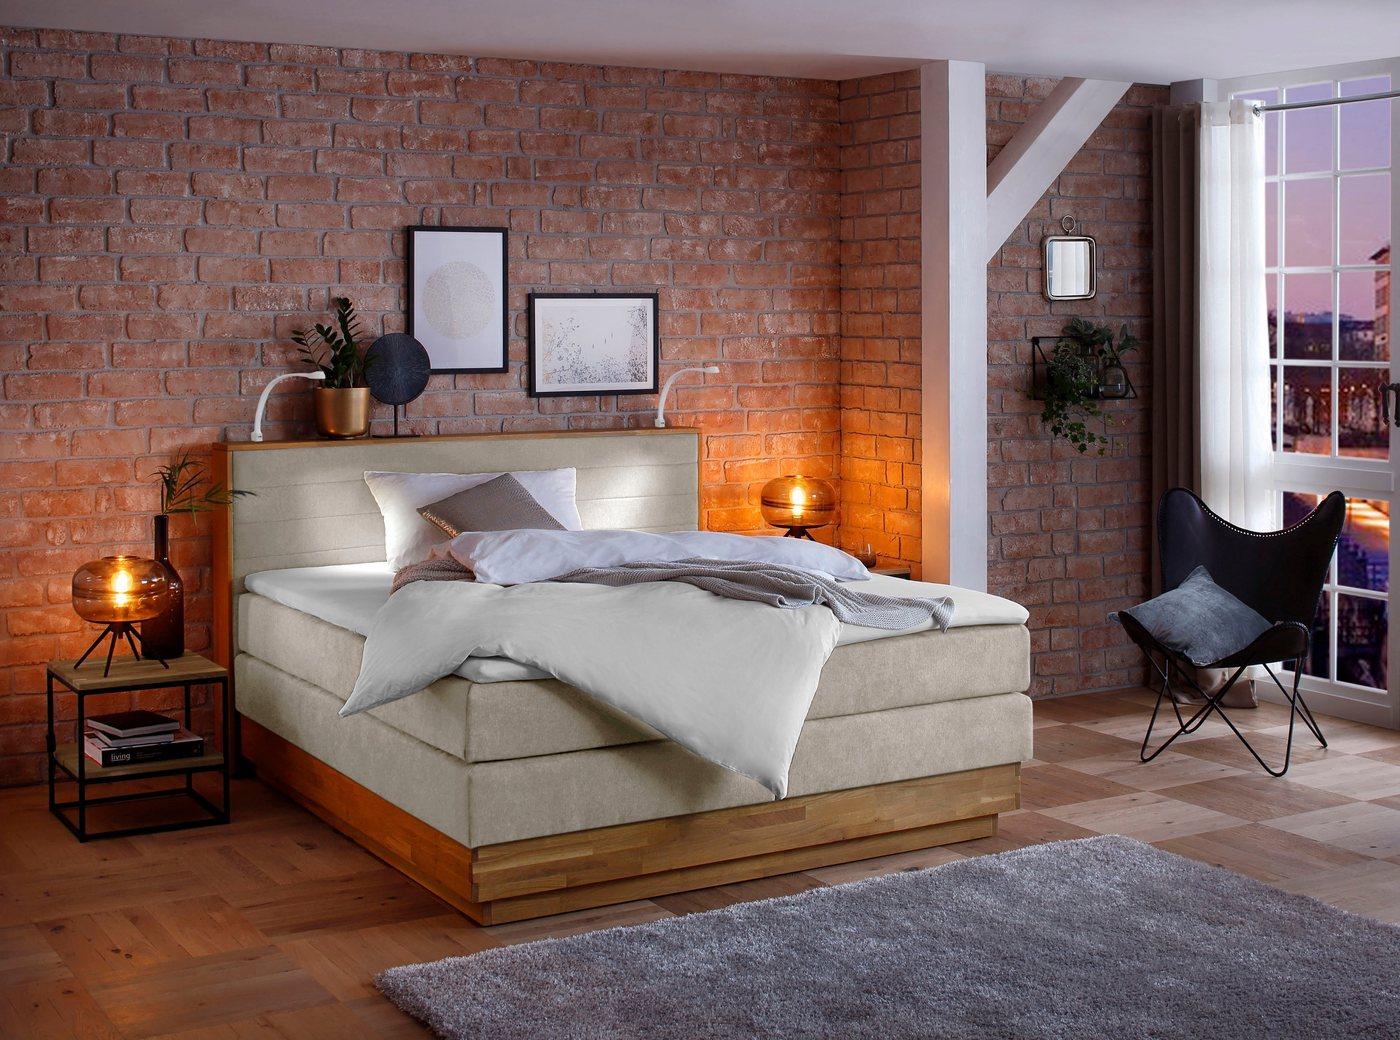 Ein Schlafmöbel mit stilvollem Design – das komfortable Boxspringbett »Cava günstig online kaufen